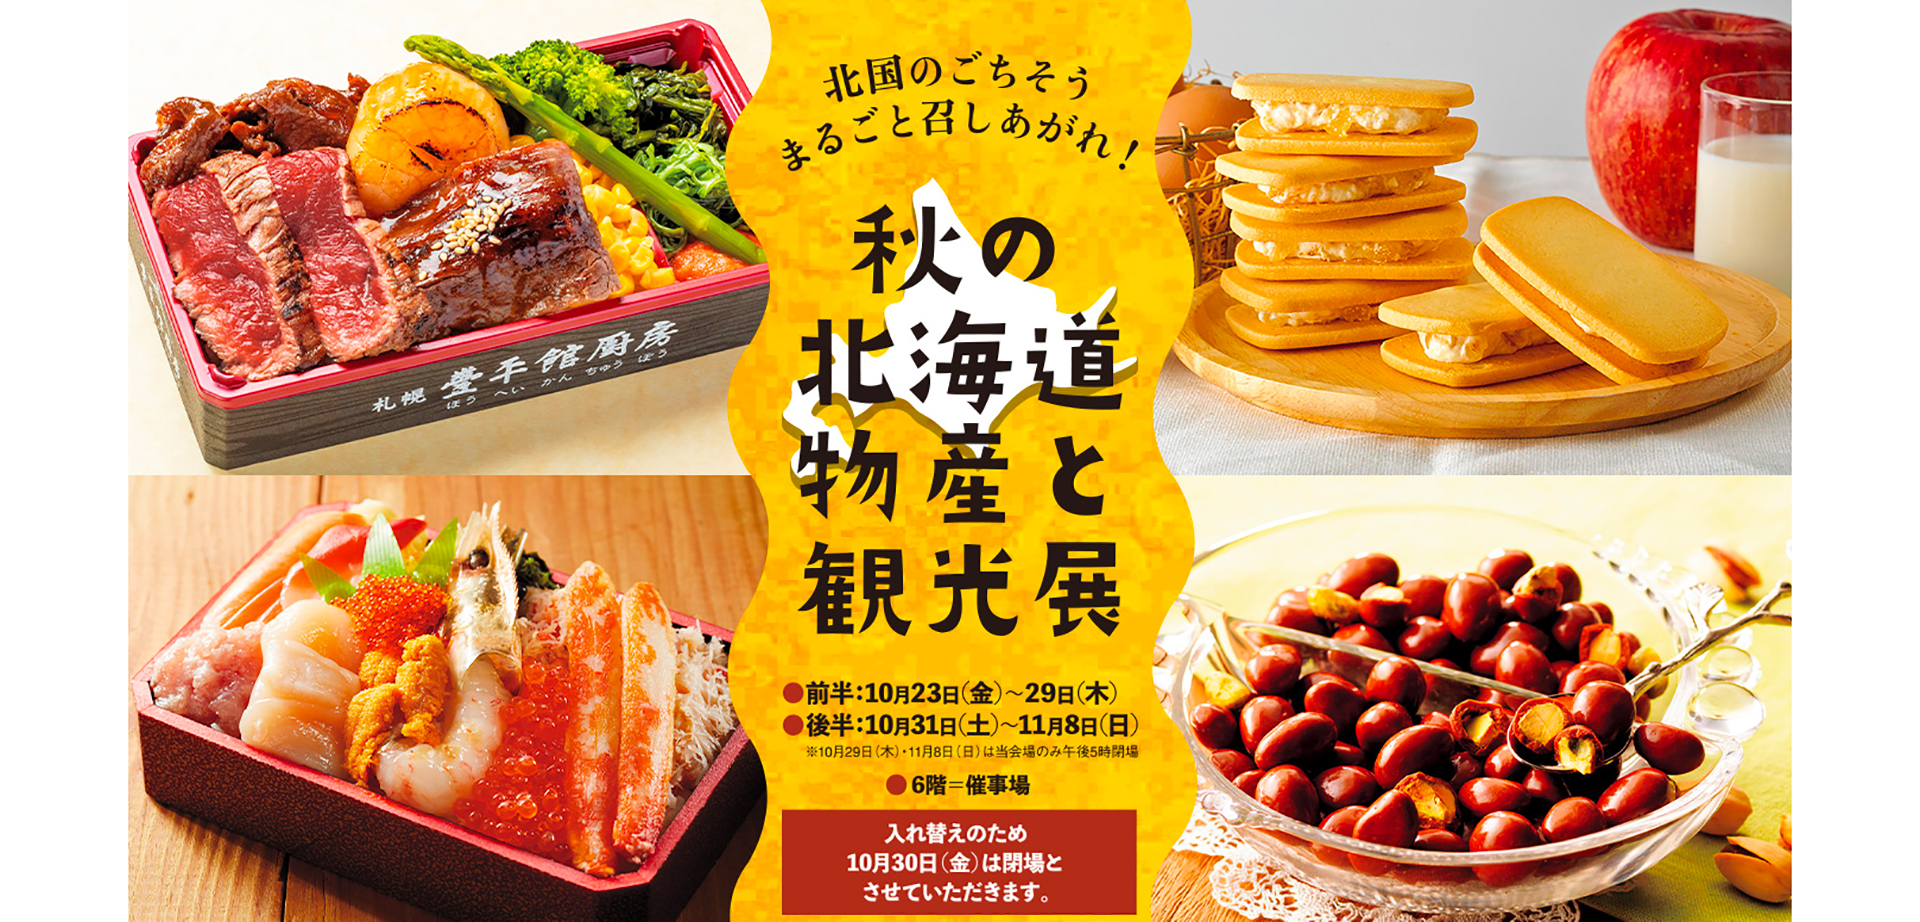 【そごう千葉店】秋の北海道物産と観光展